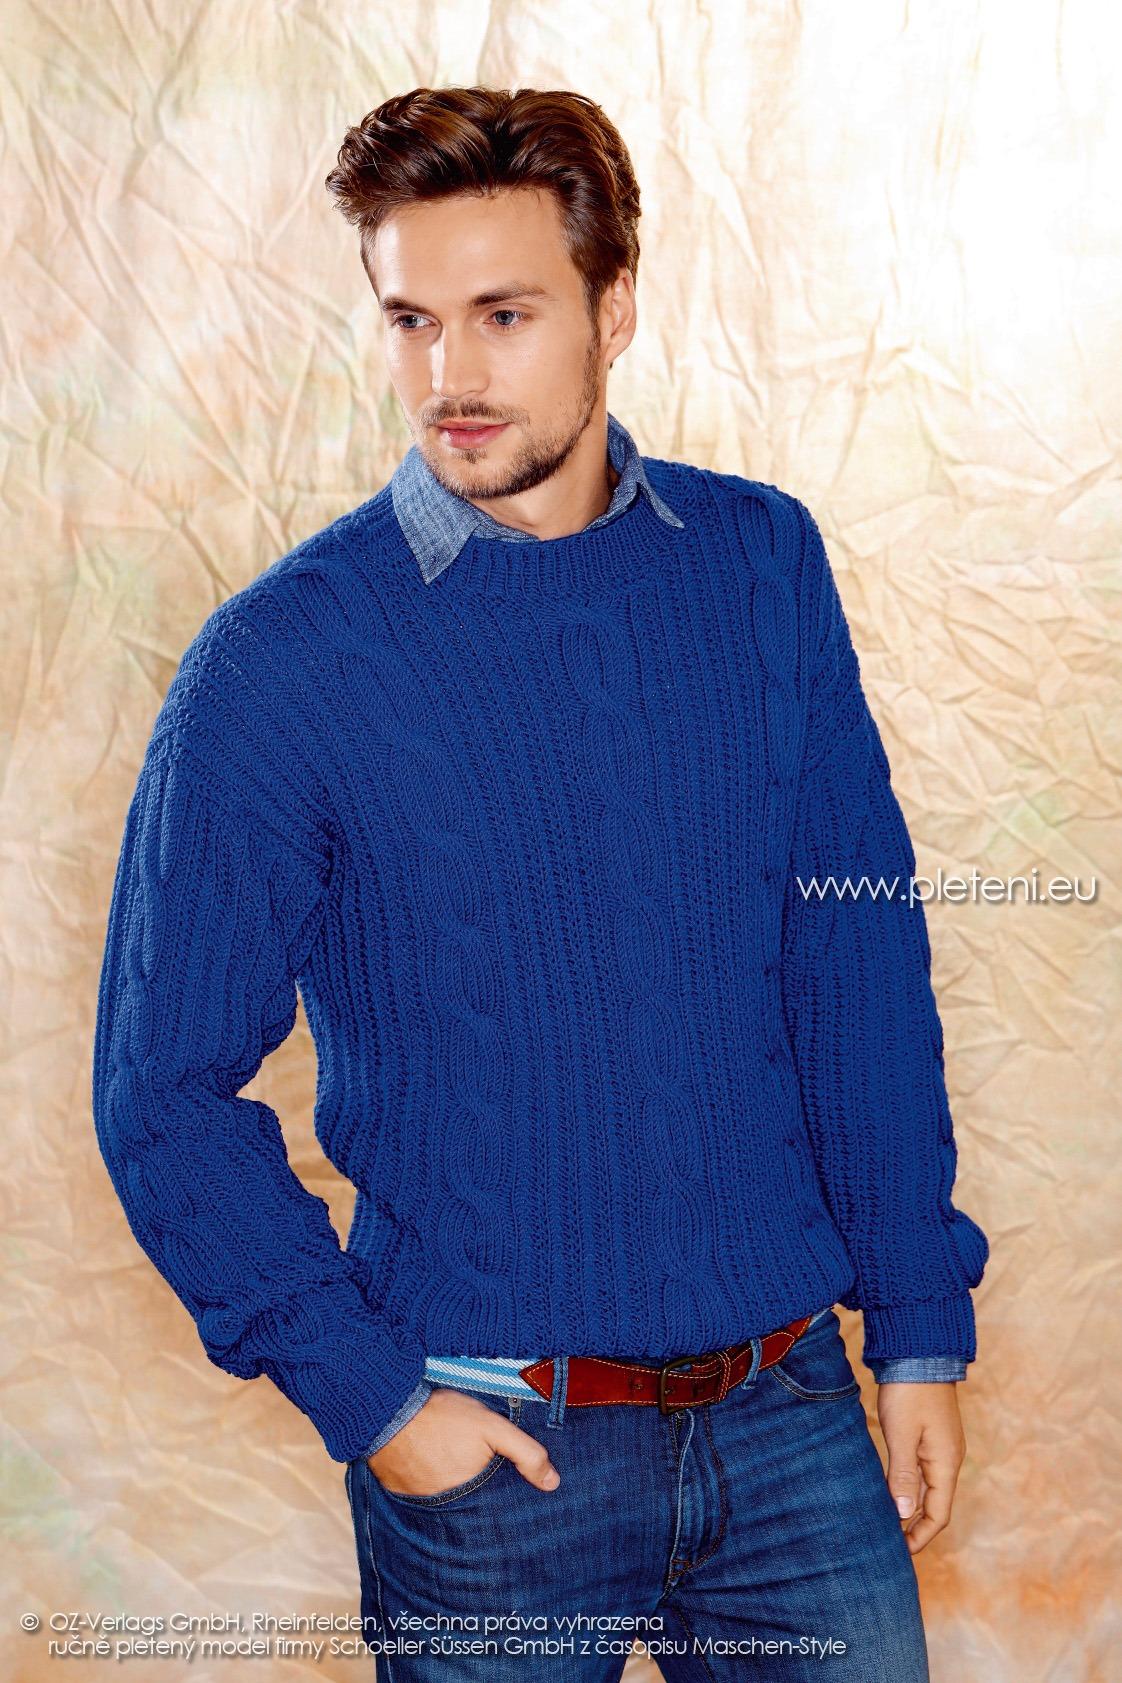 2017-2018 model 19 pánský pletený svetr z příze Merino 105 firmy Schoeller